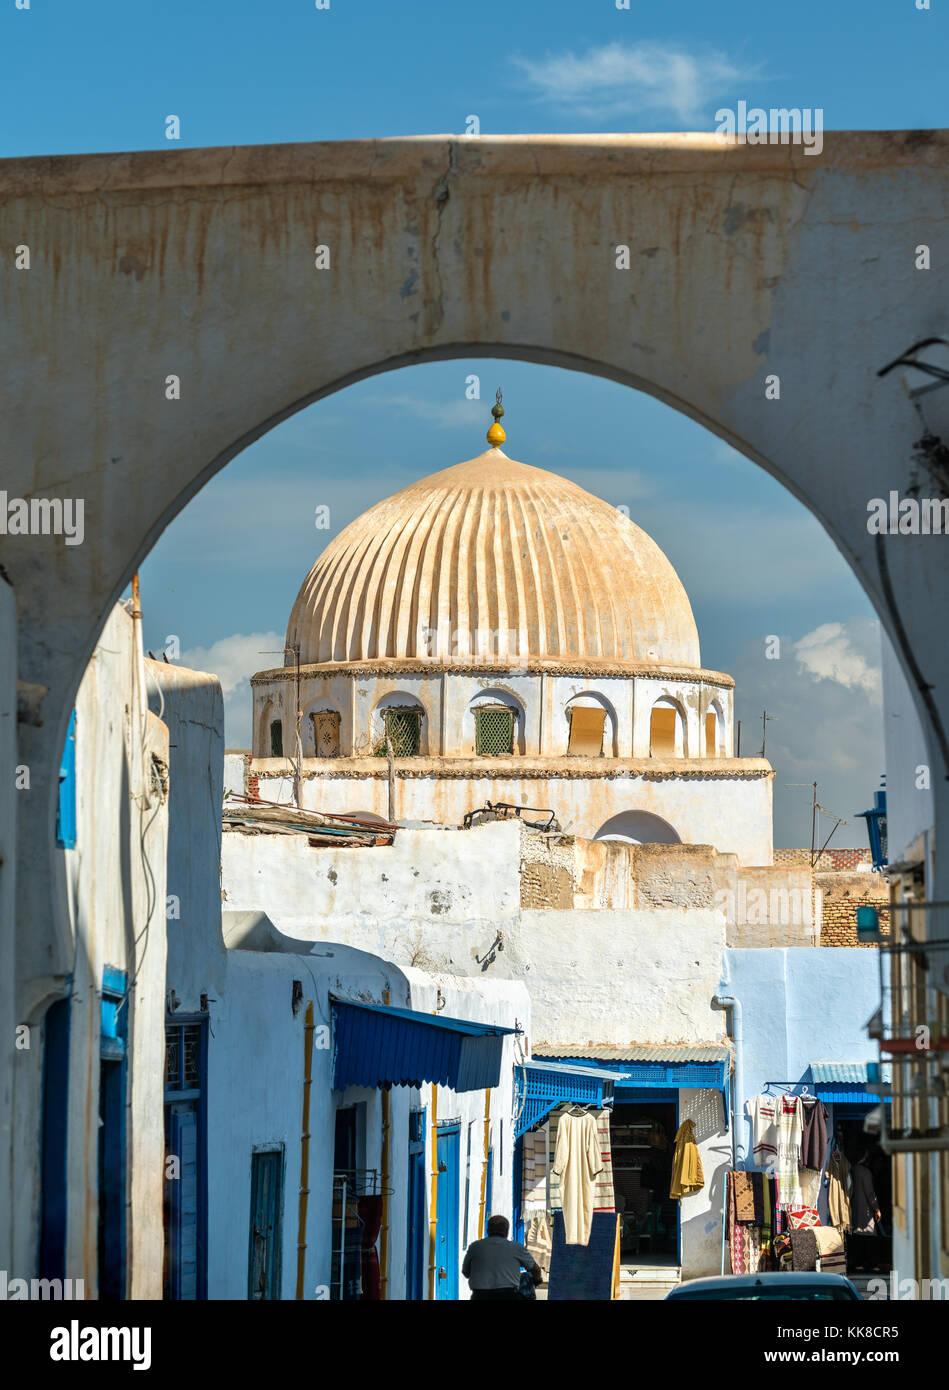 Casas tradicionales en la medina de Kairouan. Un sitio de patrimonio mundial de la UNESCO en Túnez Imagen De Stock